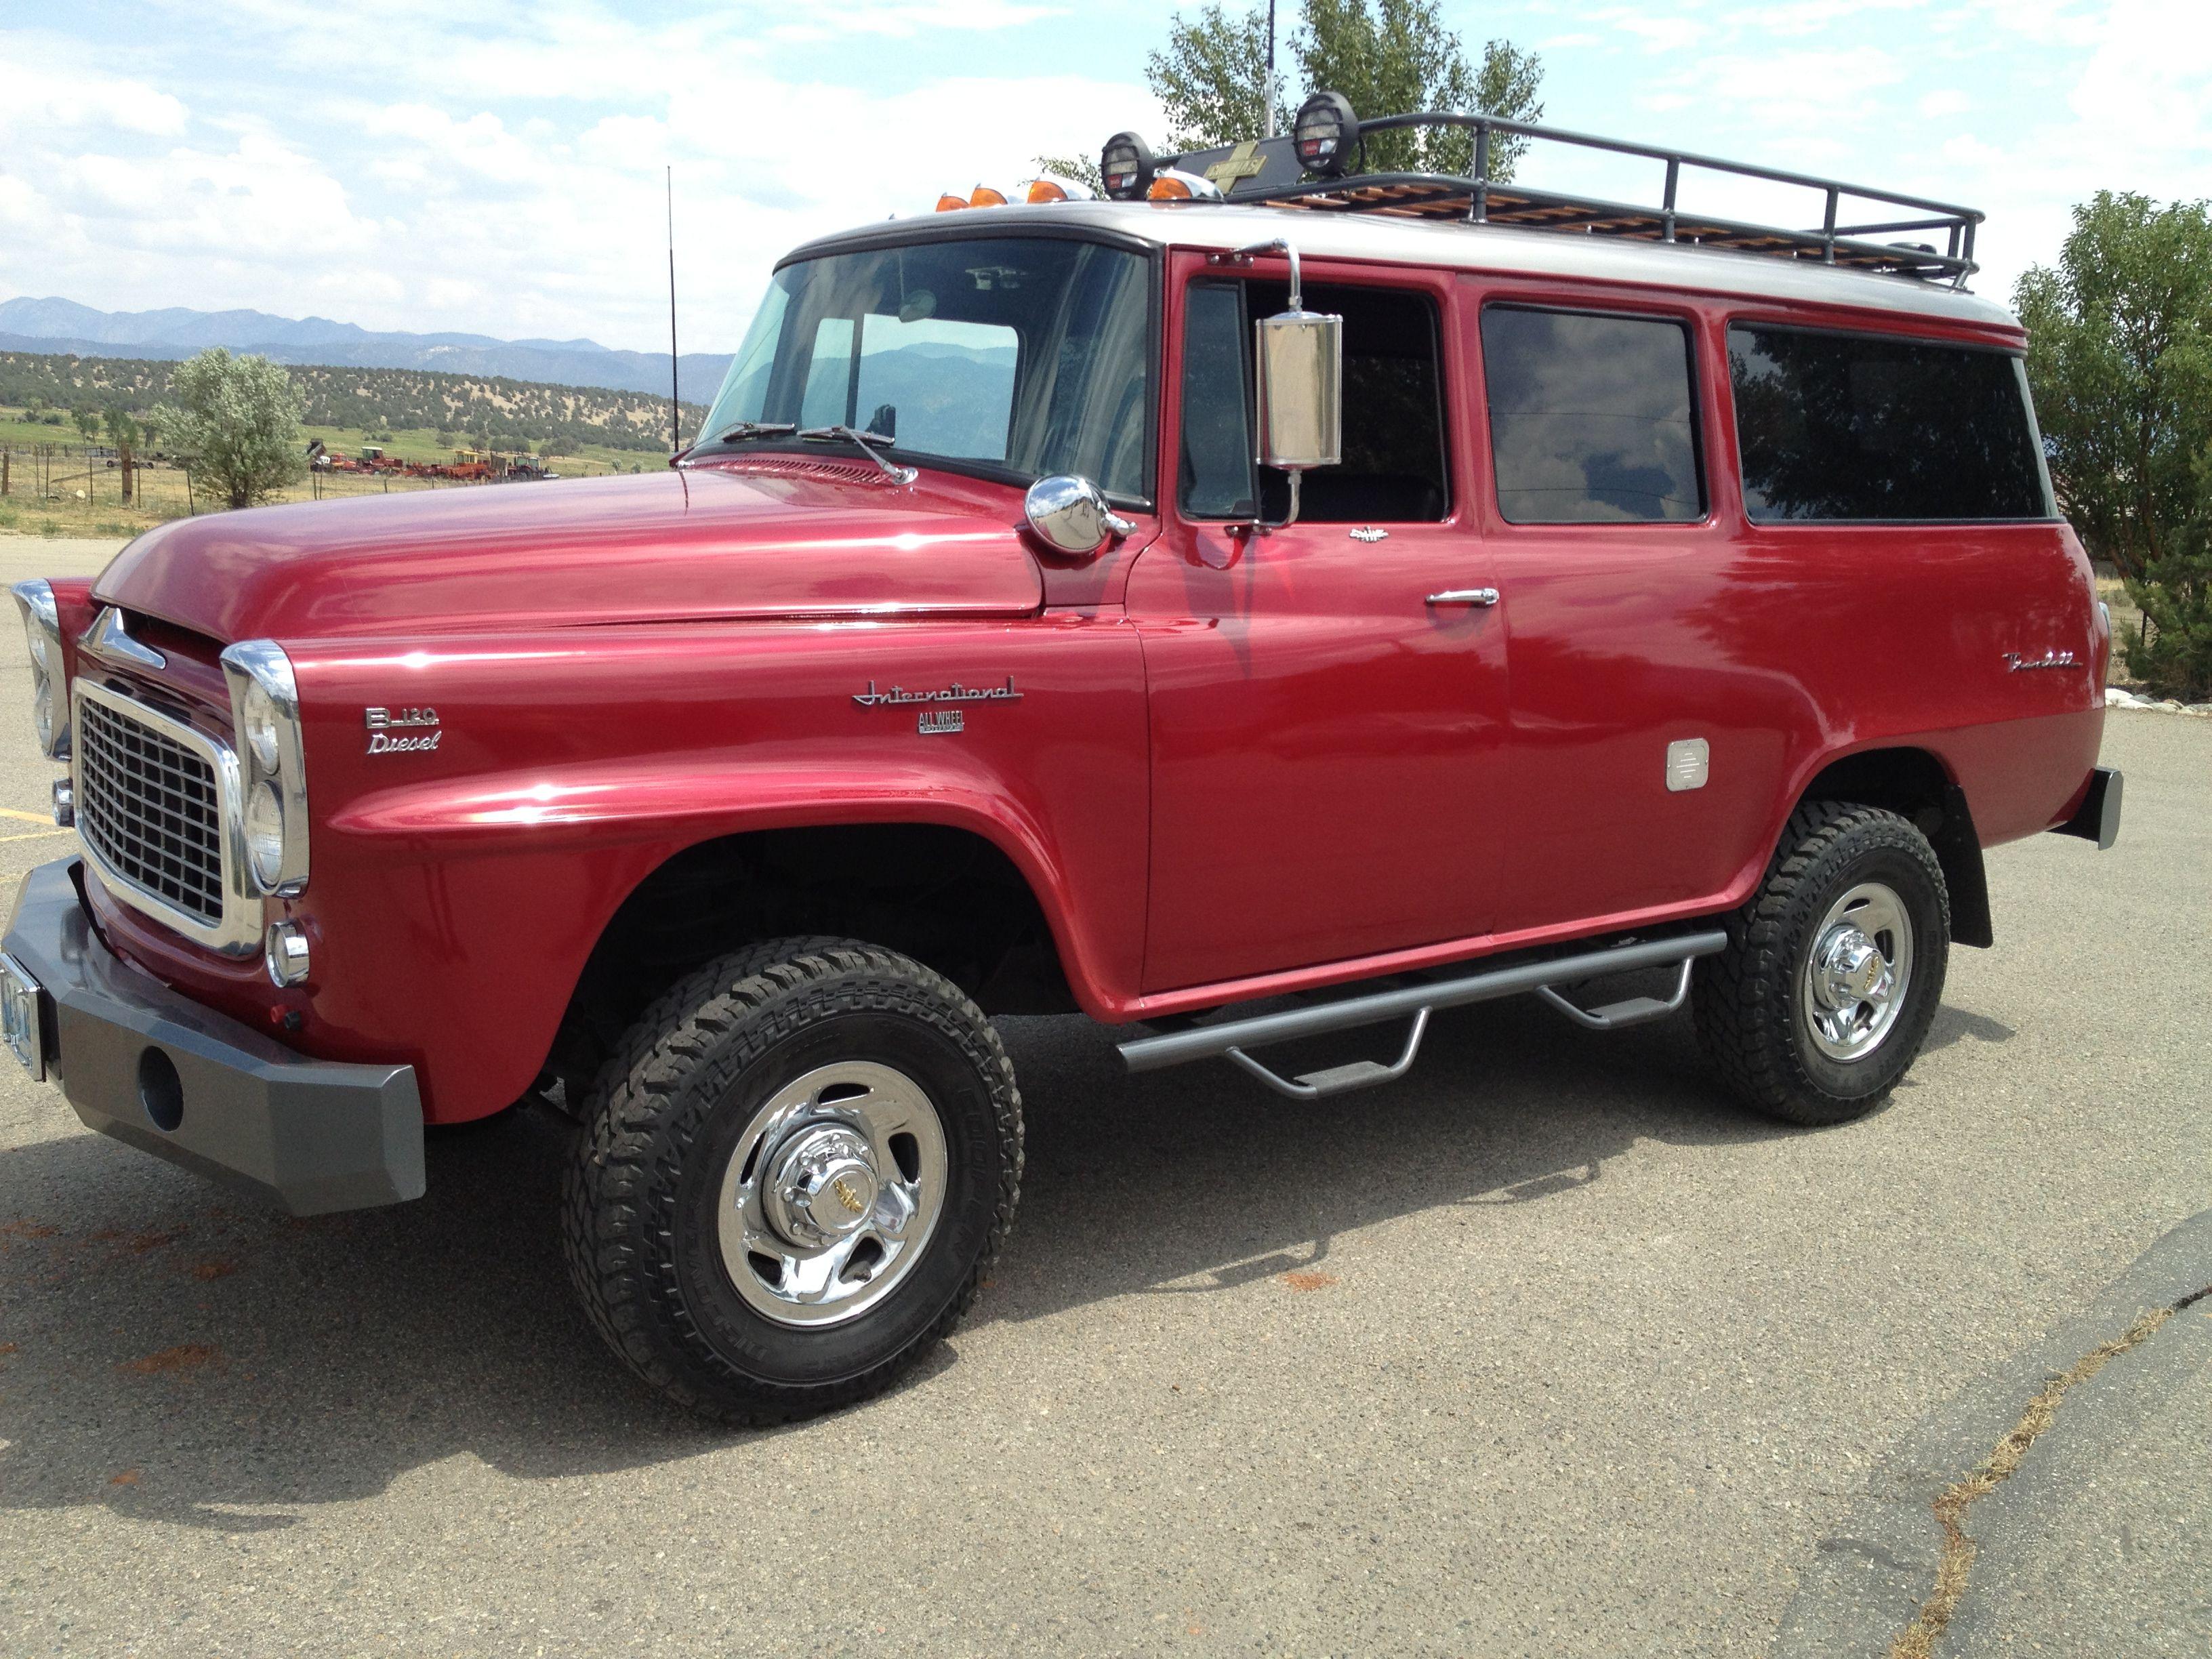 International travelall forum -  Chugwater Restomod A 1960 Ih Travelall School Bus On A 1995